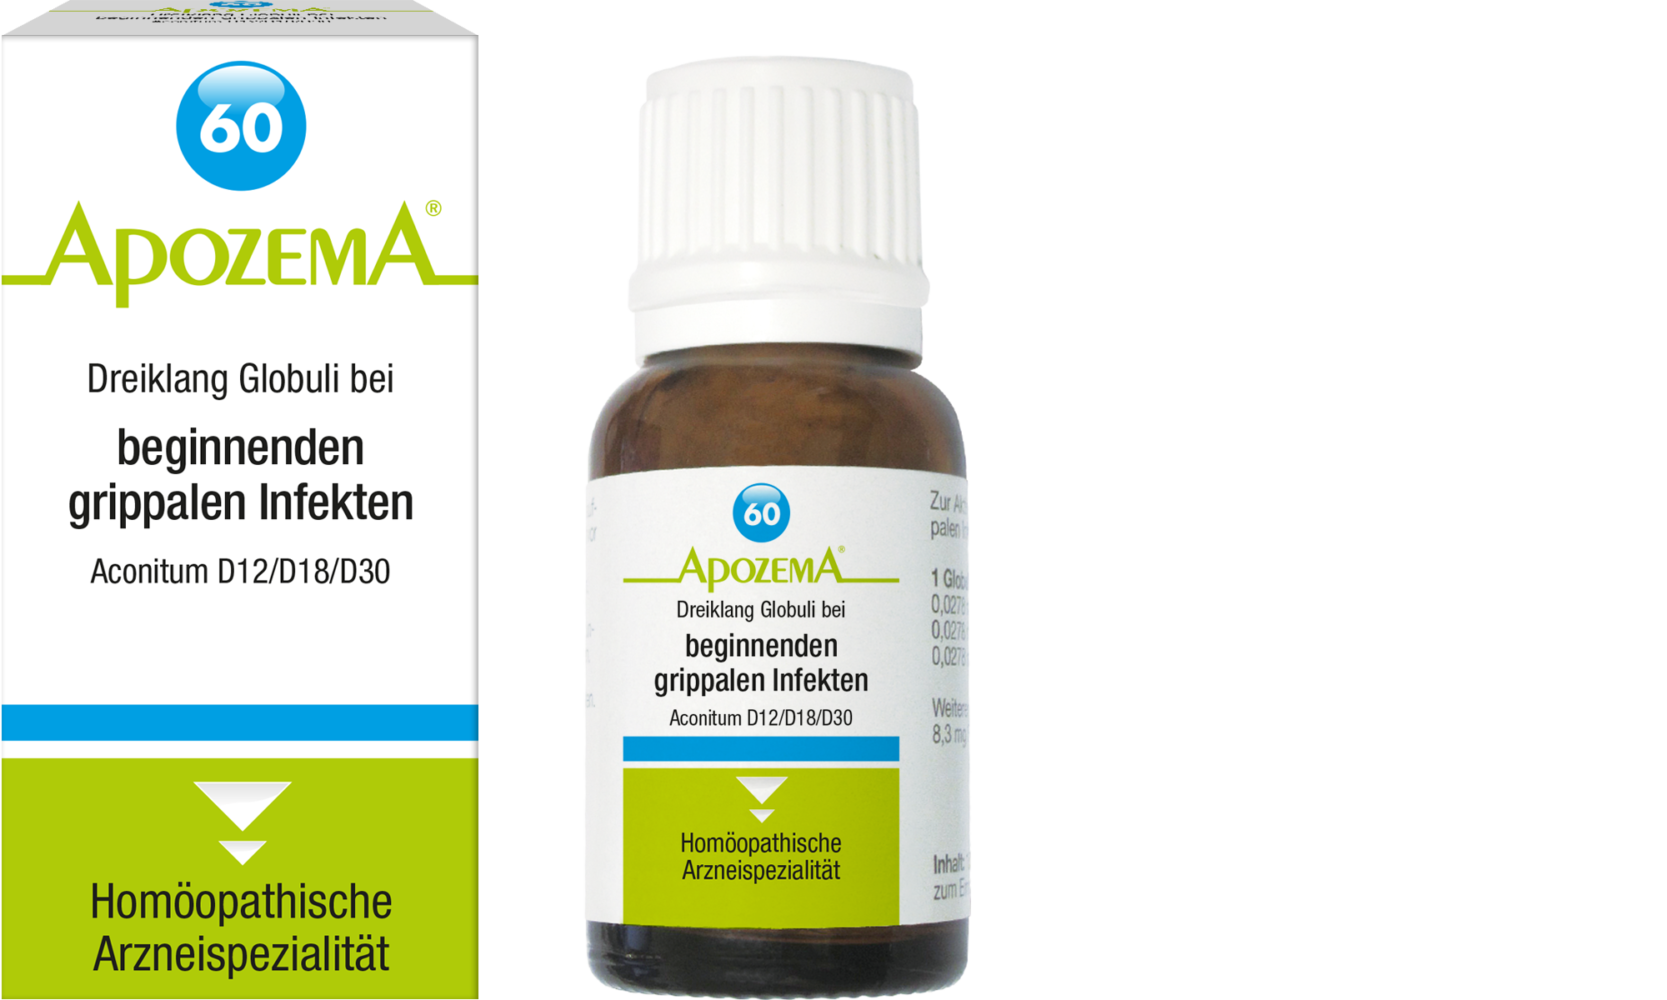 Apozema® Nr. 60: Dreiklang Globuli bei beginnenden grippalen Infekten